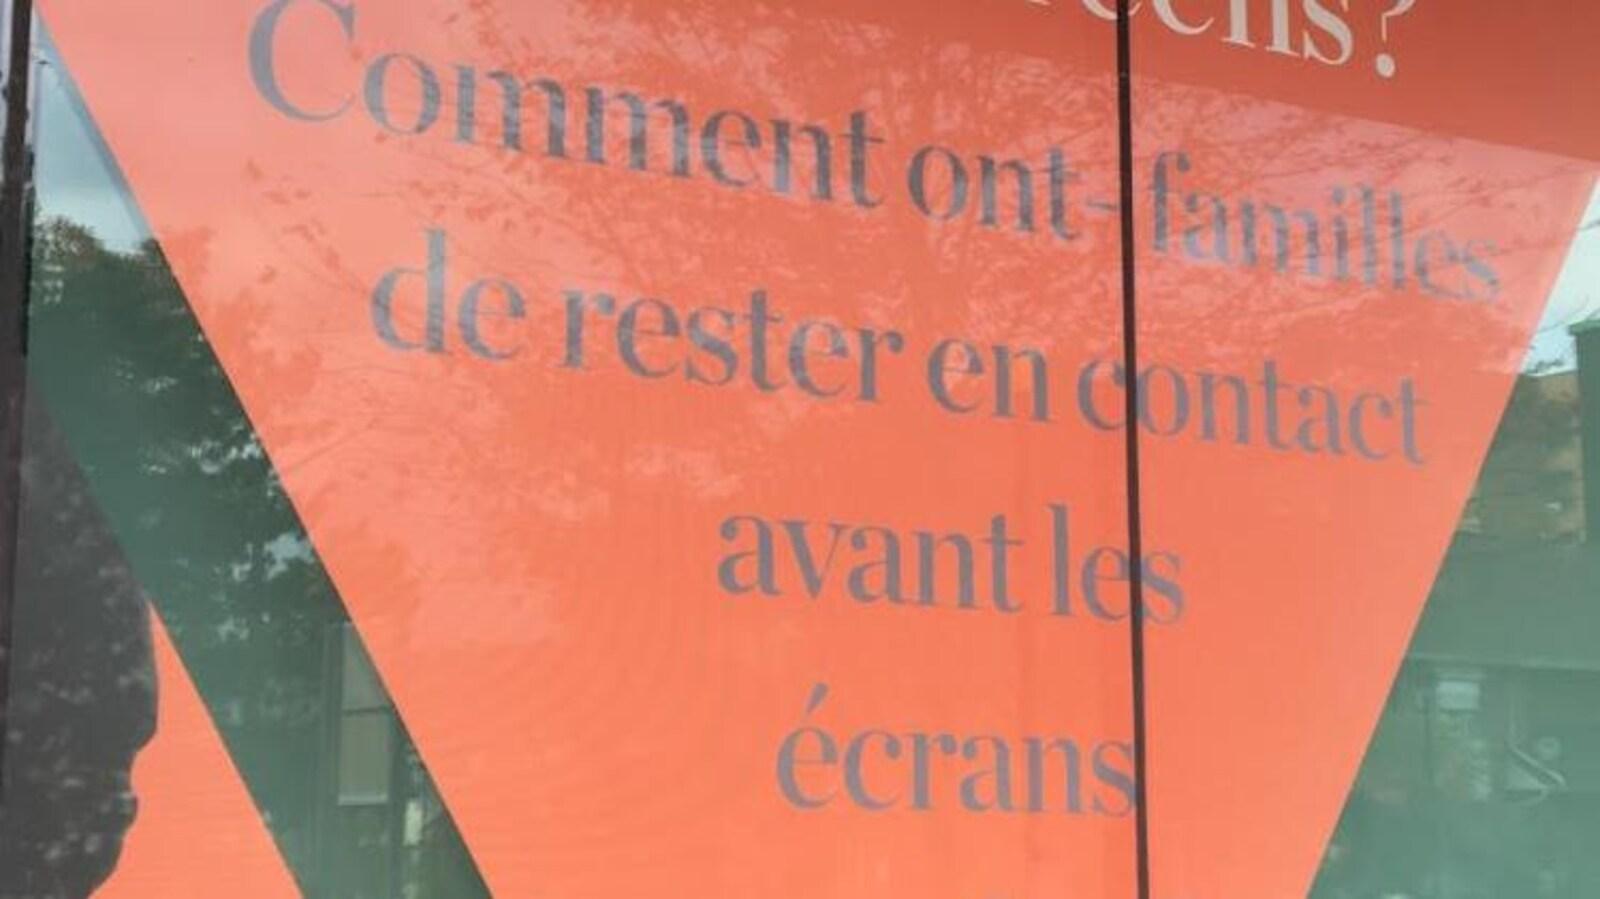 Un message en français pas très clair